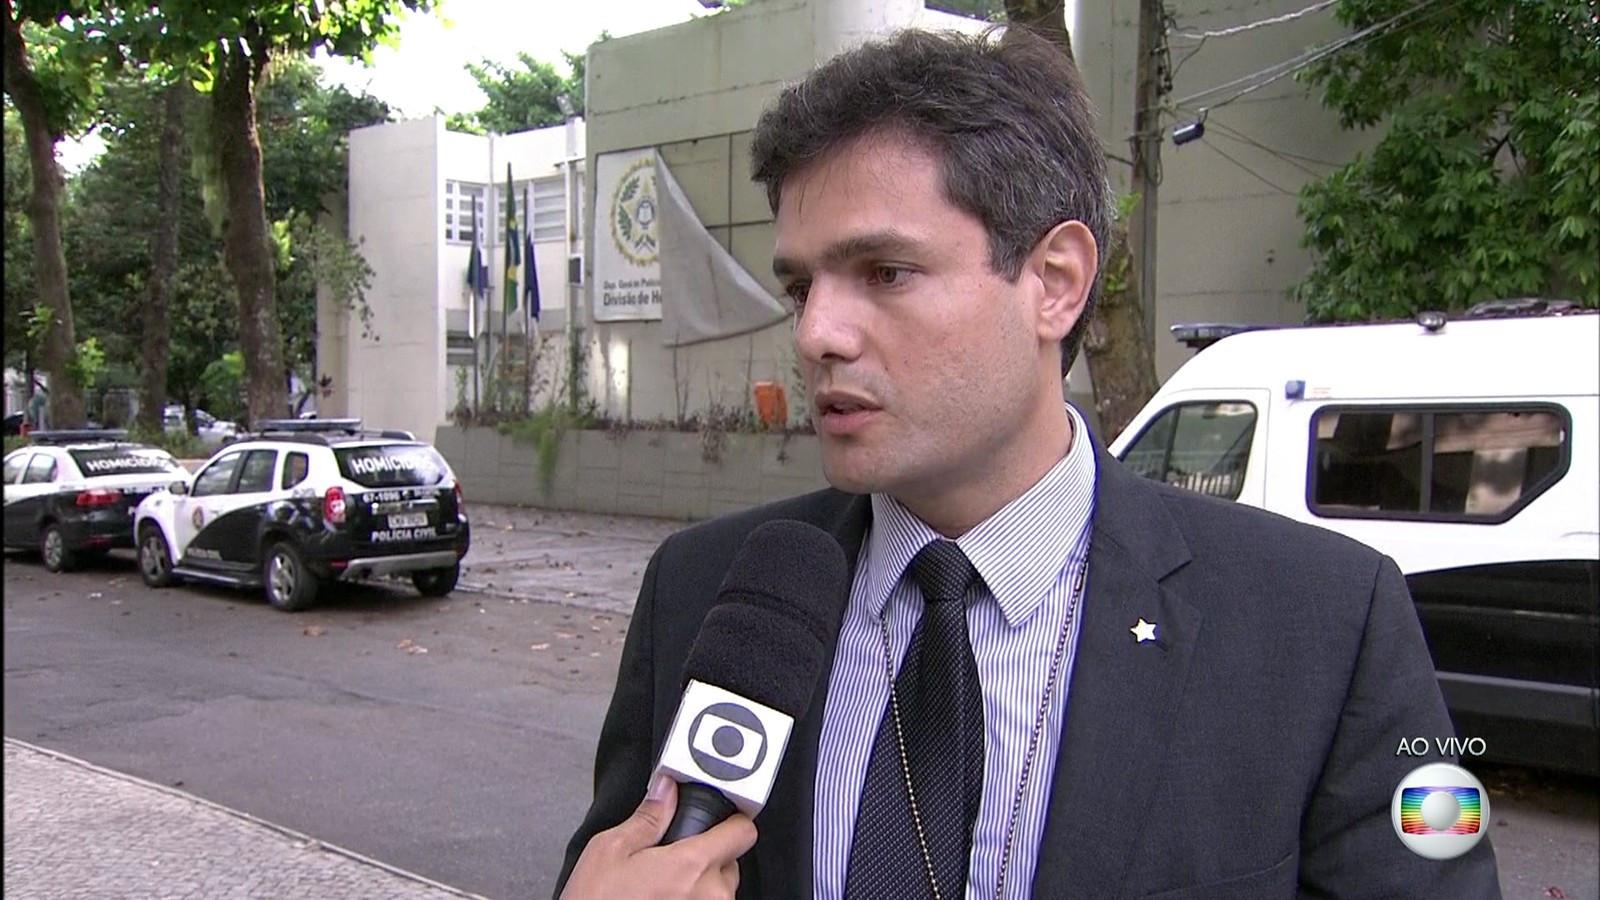 Novo delegado assume investigação do caso Marielle